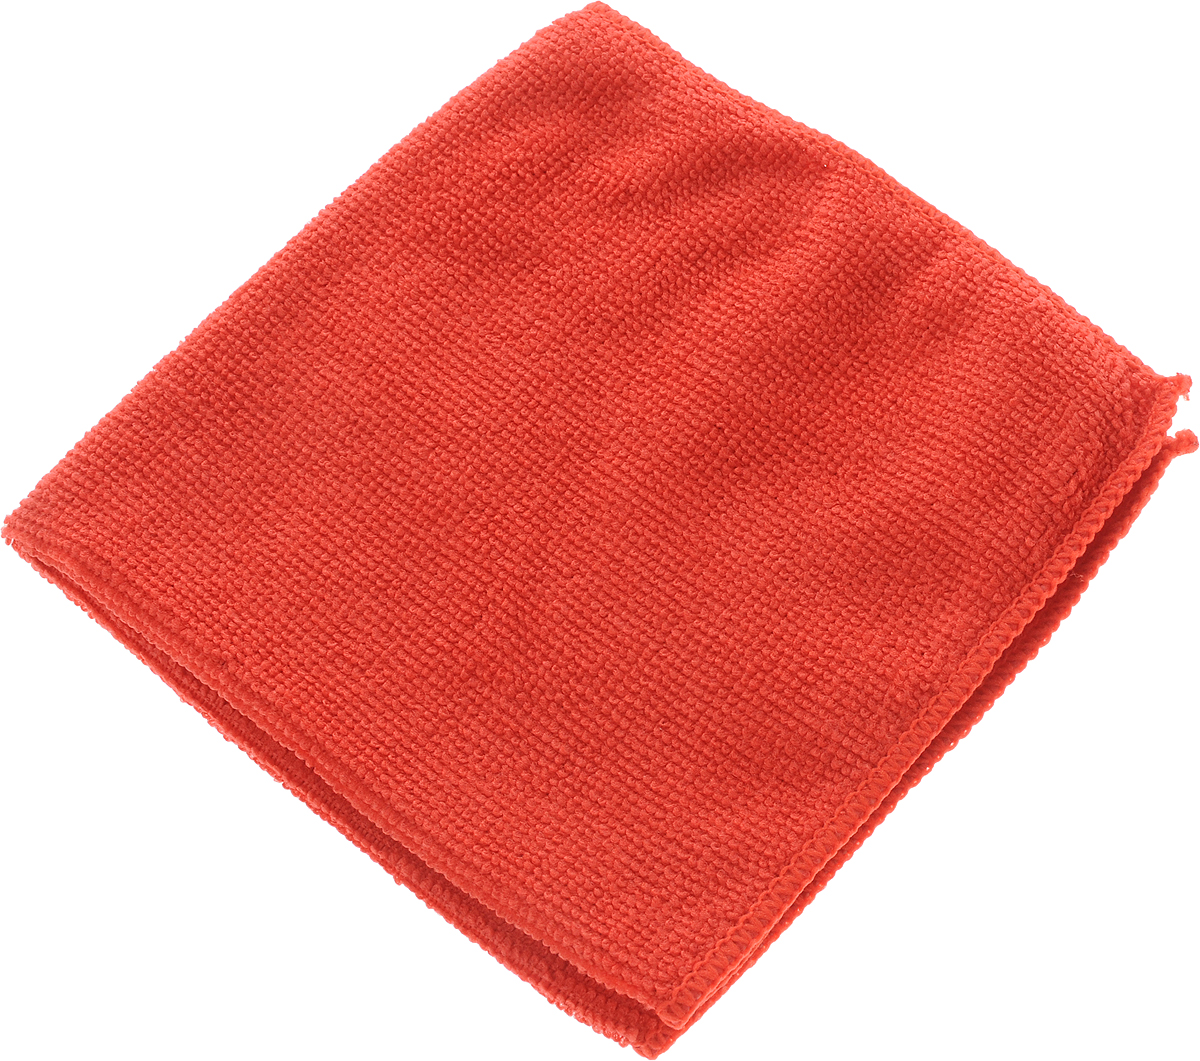 Салфетка универсальная Сelesta, из микрофибры, цвет: красный, 30 х 30 см787502Универсальная салфетка Celesta предназначена для сухой и влажной уборки, подходит для ухода за любыми поверхностями. Изделие изготовлено из микрофибры (80% полиэстер, 20% полиамид). Уникальная структура волокон микрофибры позволяет очищать поверхность без использования моющих средств. Салфетка долговечна, обладает отличными впитывающими свойствами, не оставляет разводов и ворсинок.